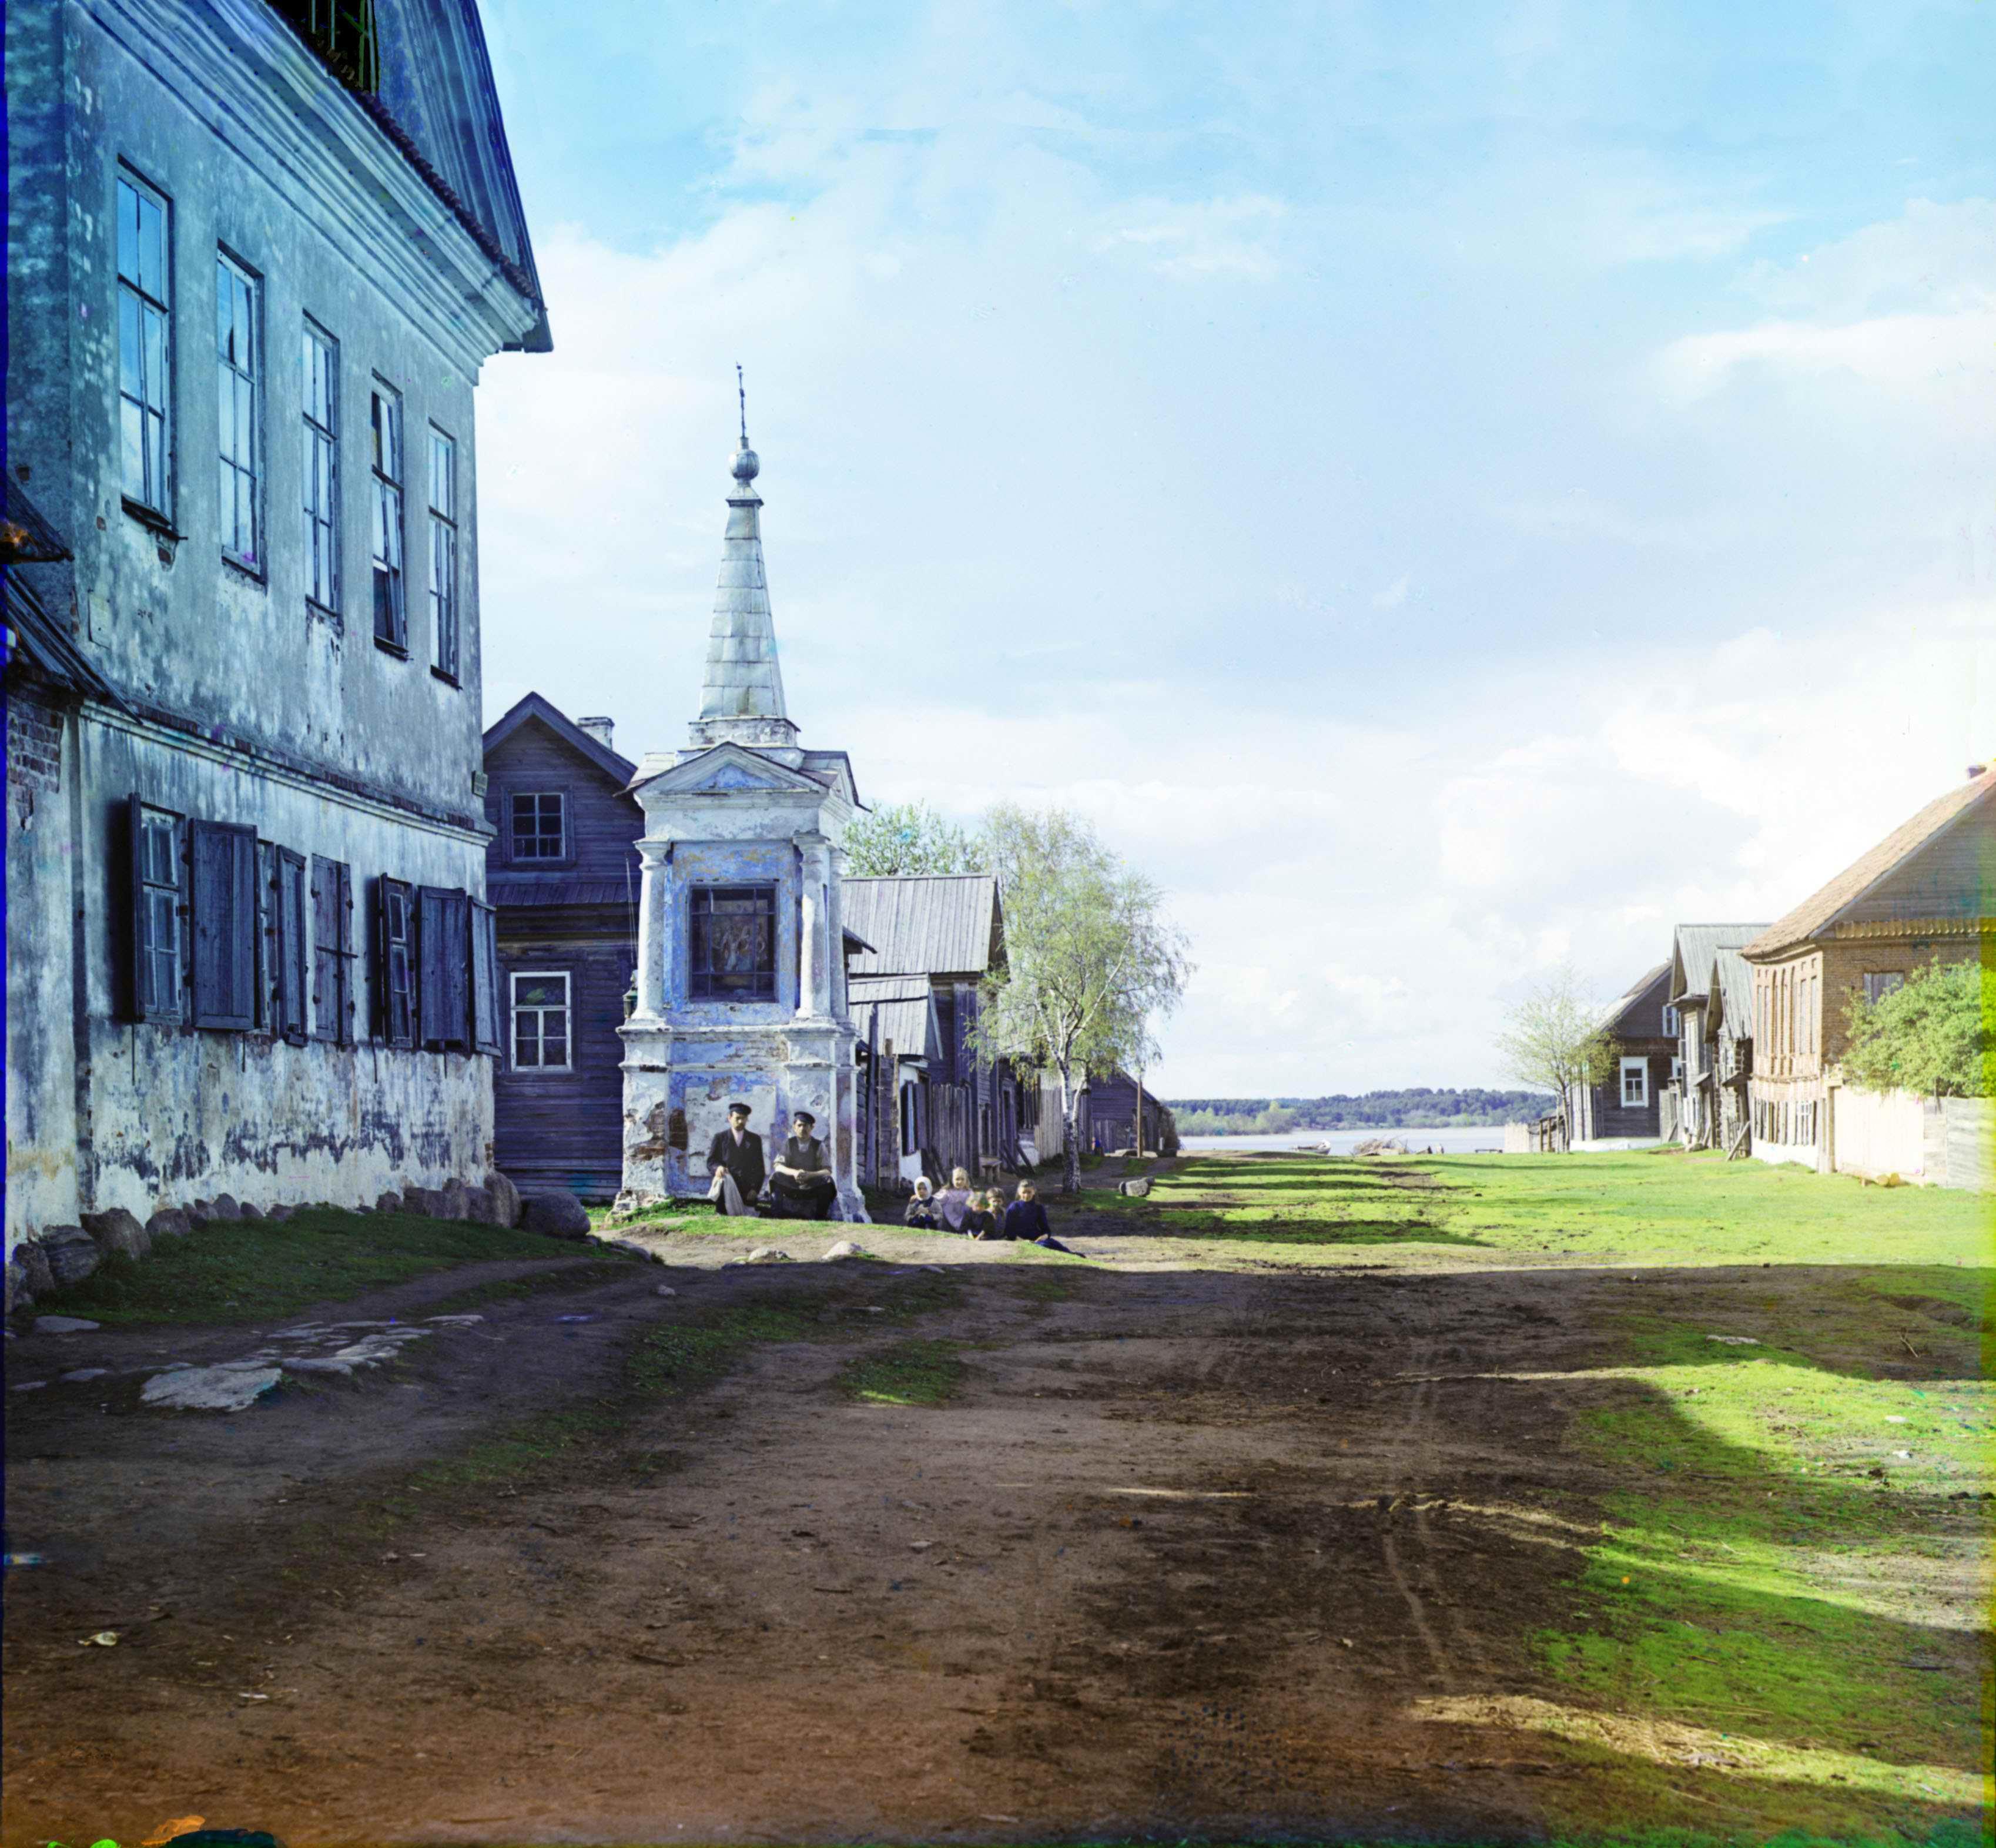 Старинная часовня на улице г. Осташкова, у берега озера Селигер